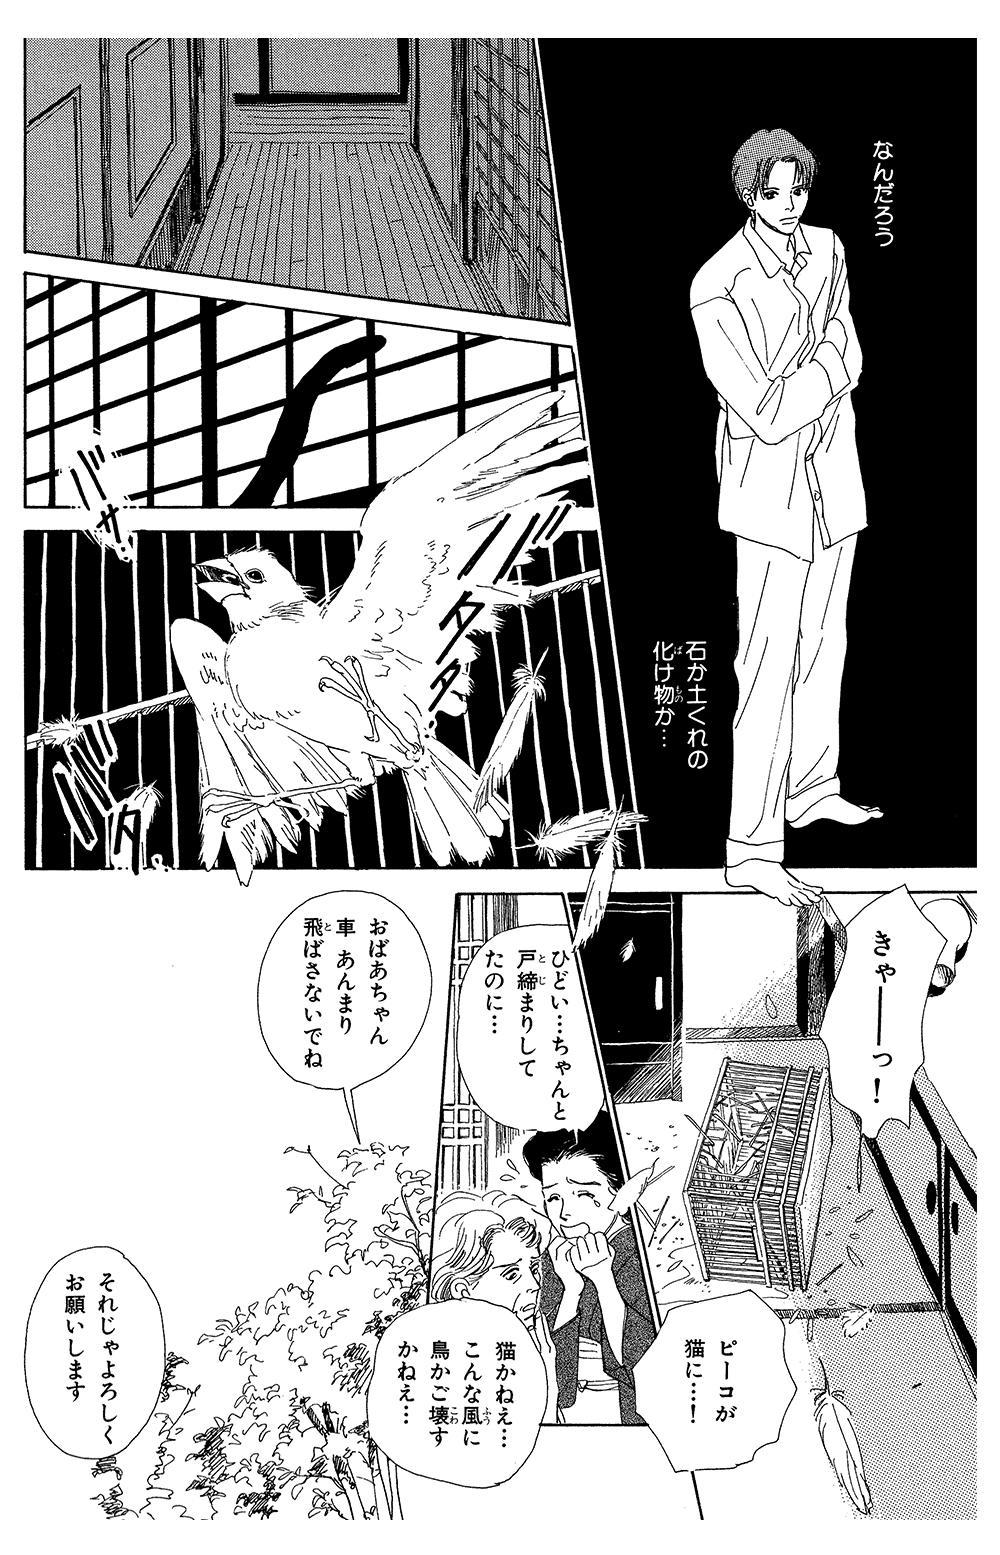 百鬼夜行抄 第1話「闇からの呼び声」③hyakki1-3-1.jpg